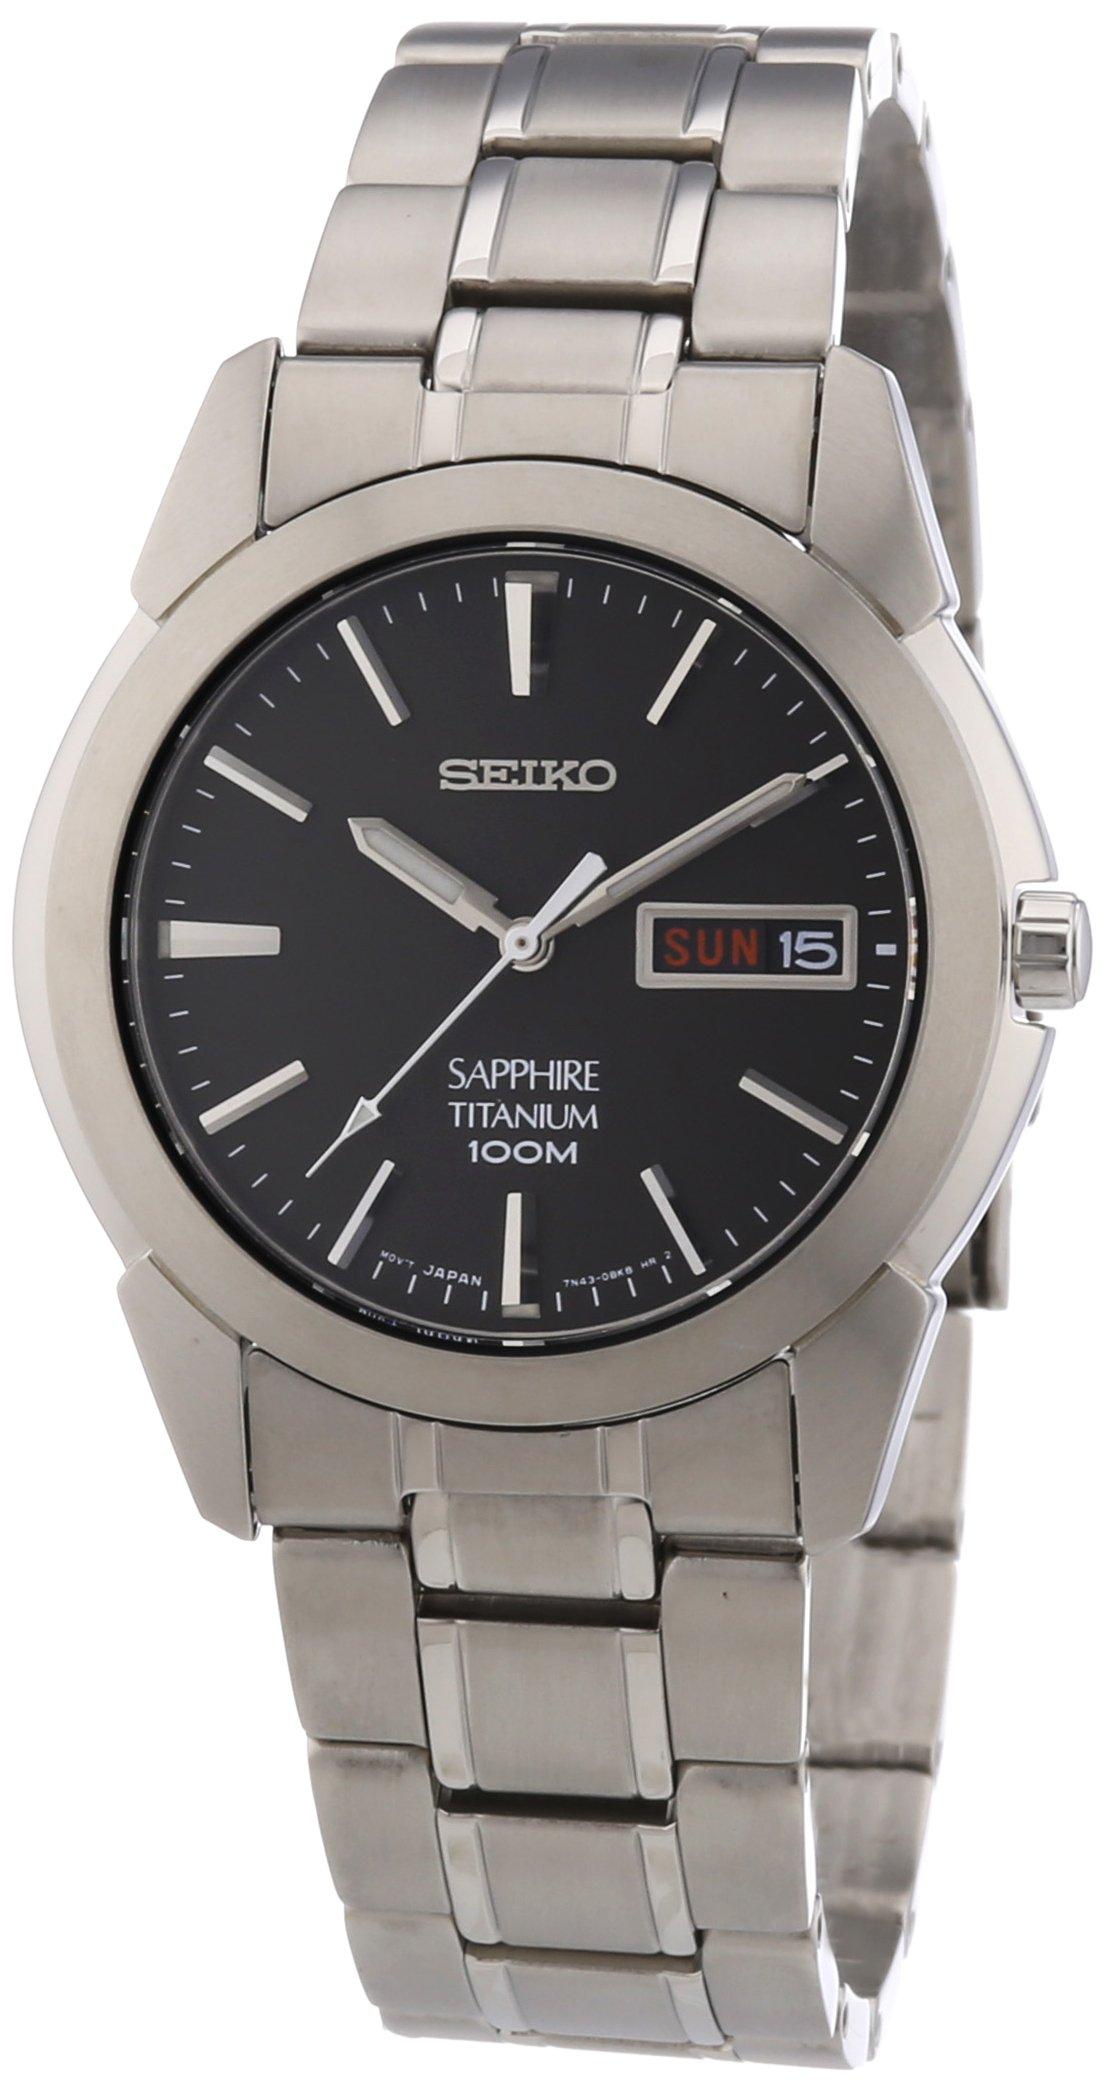 Seiko Quartz Titanium Casual Watch